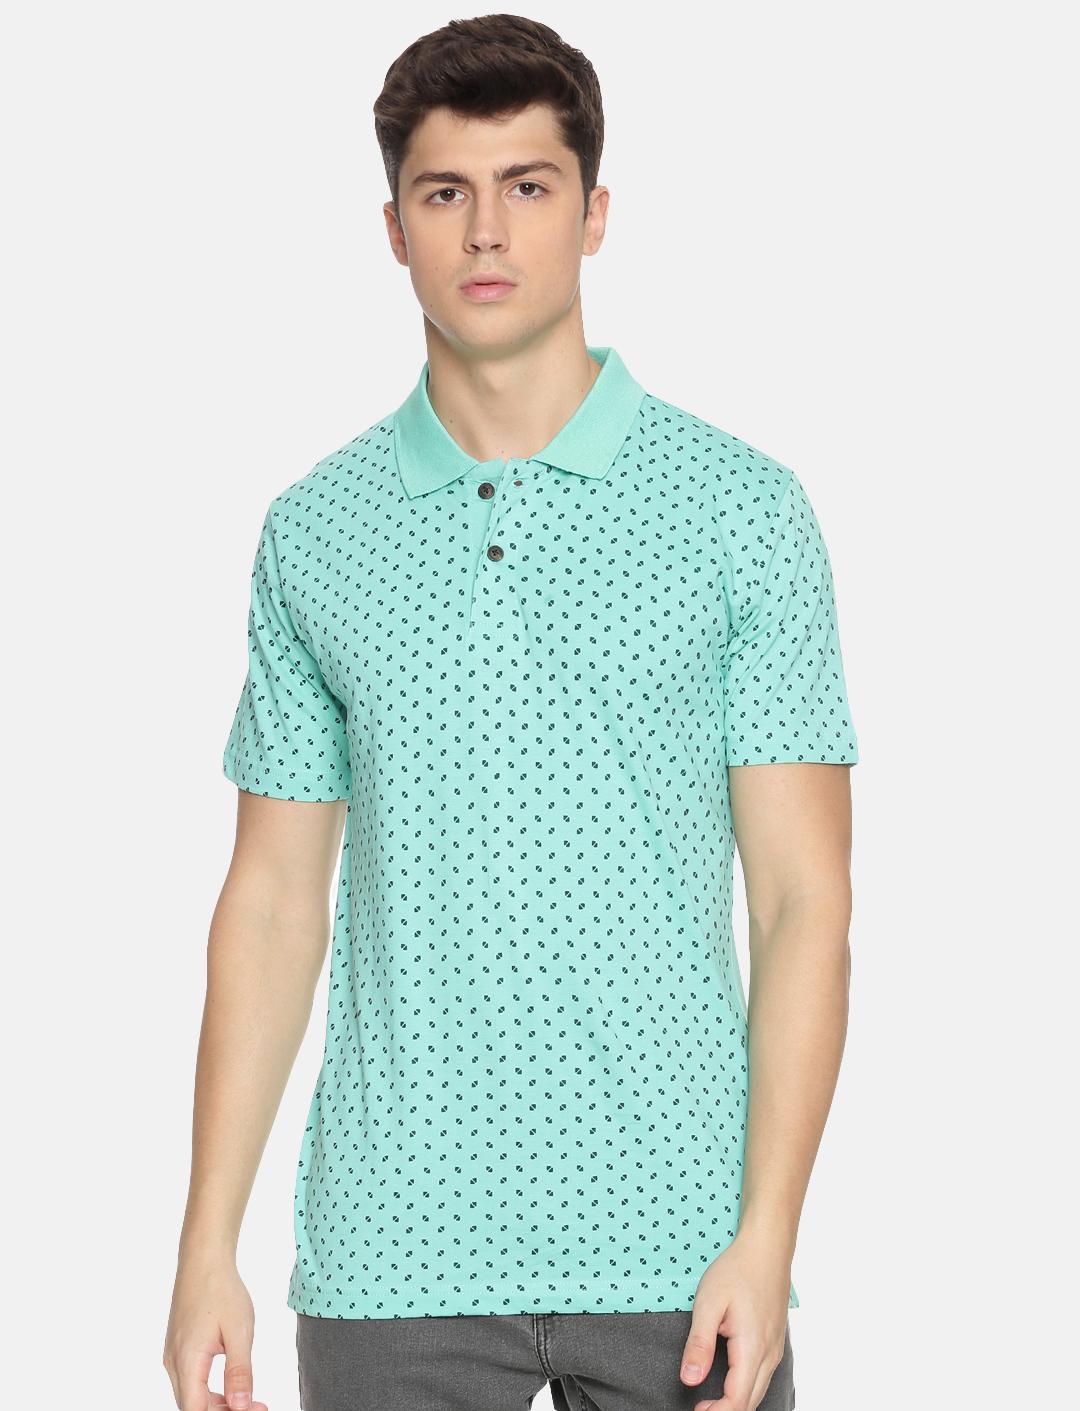 Kryptic | Kryptic Men's Triangle printed polo Tshirt